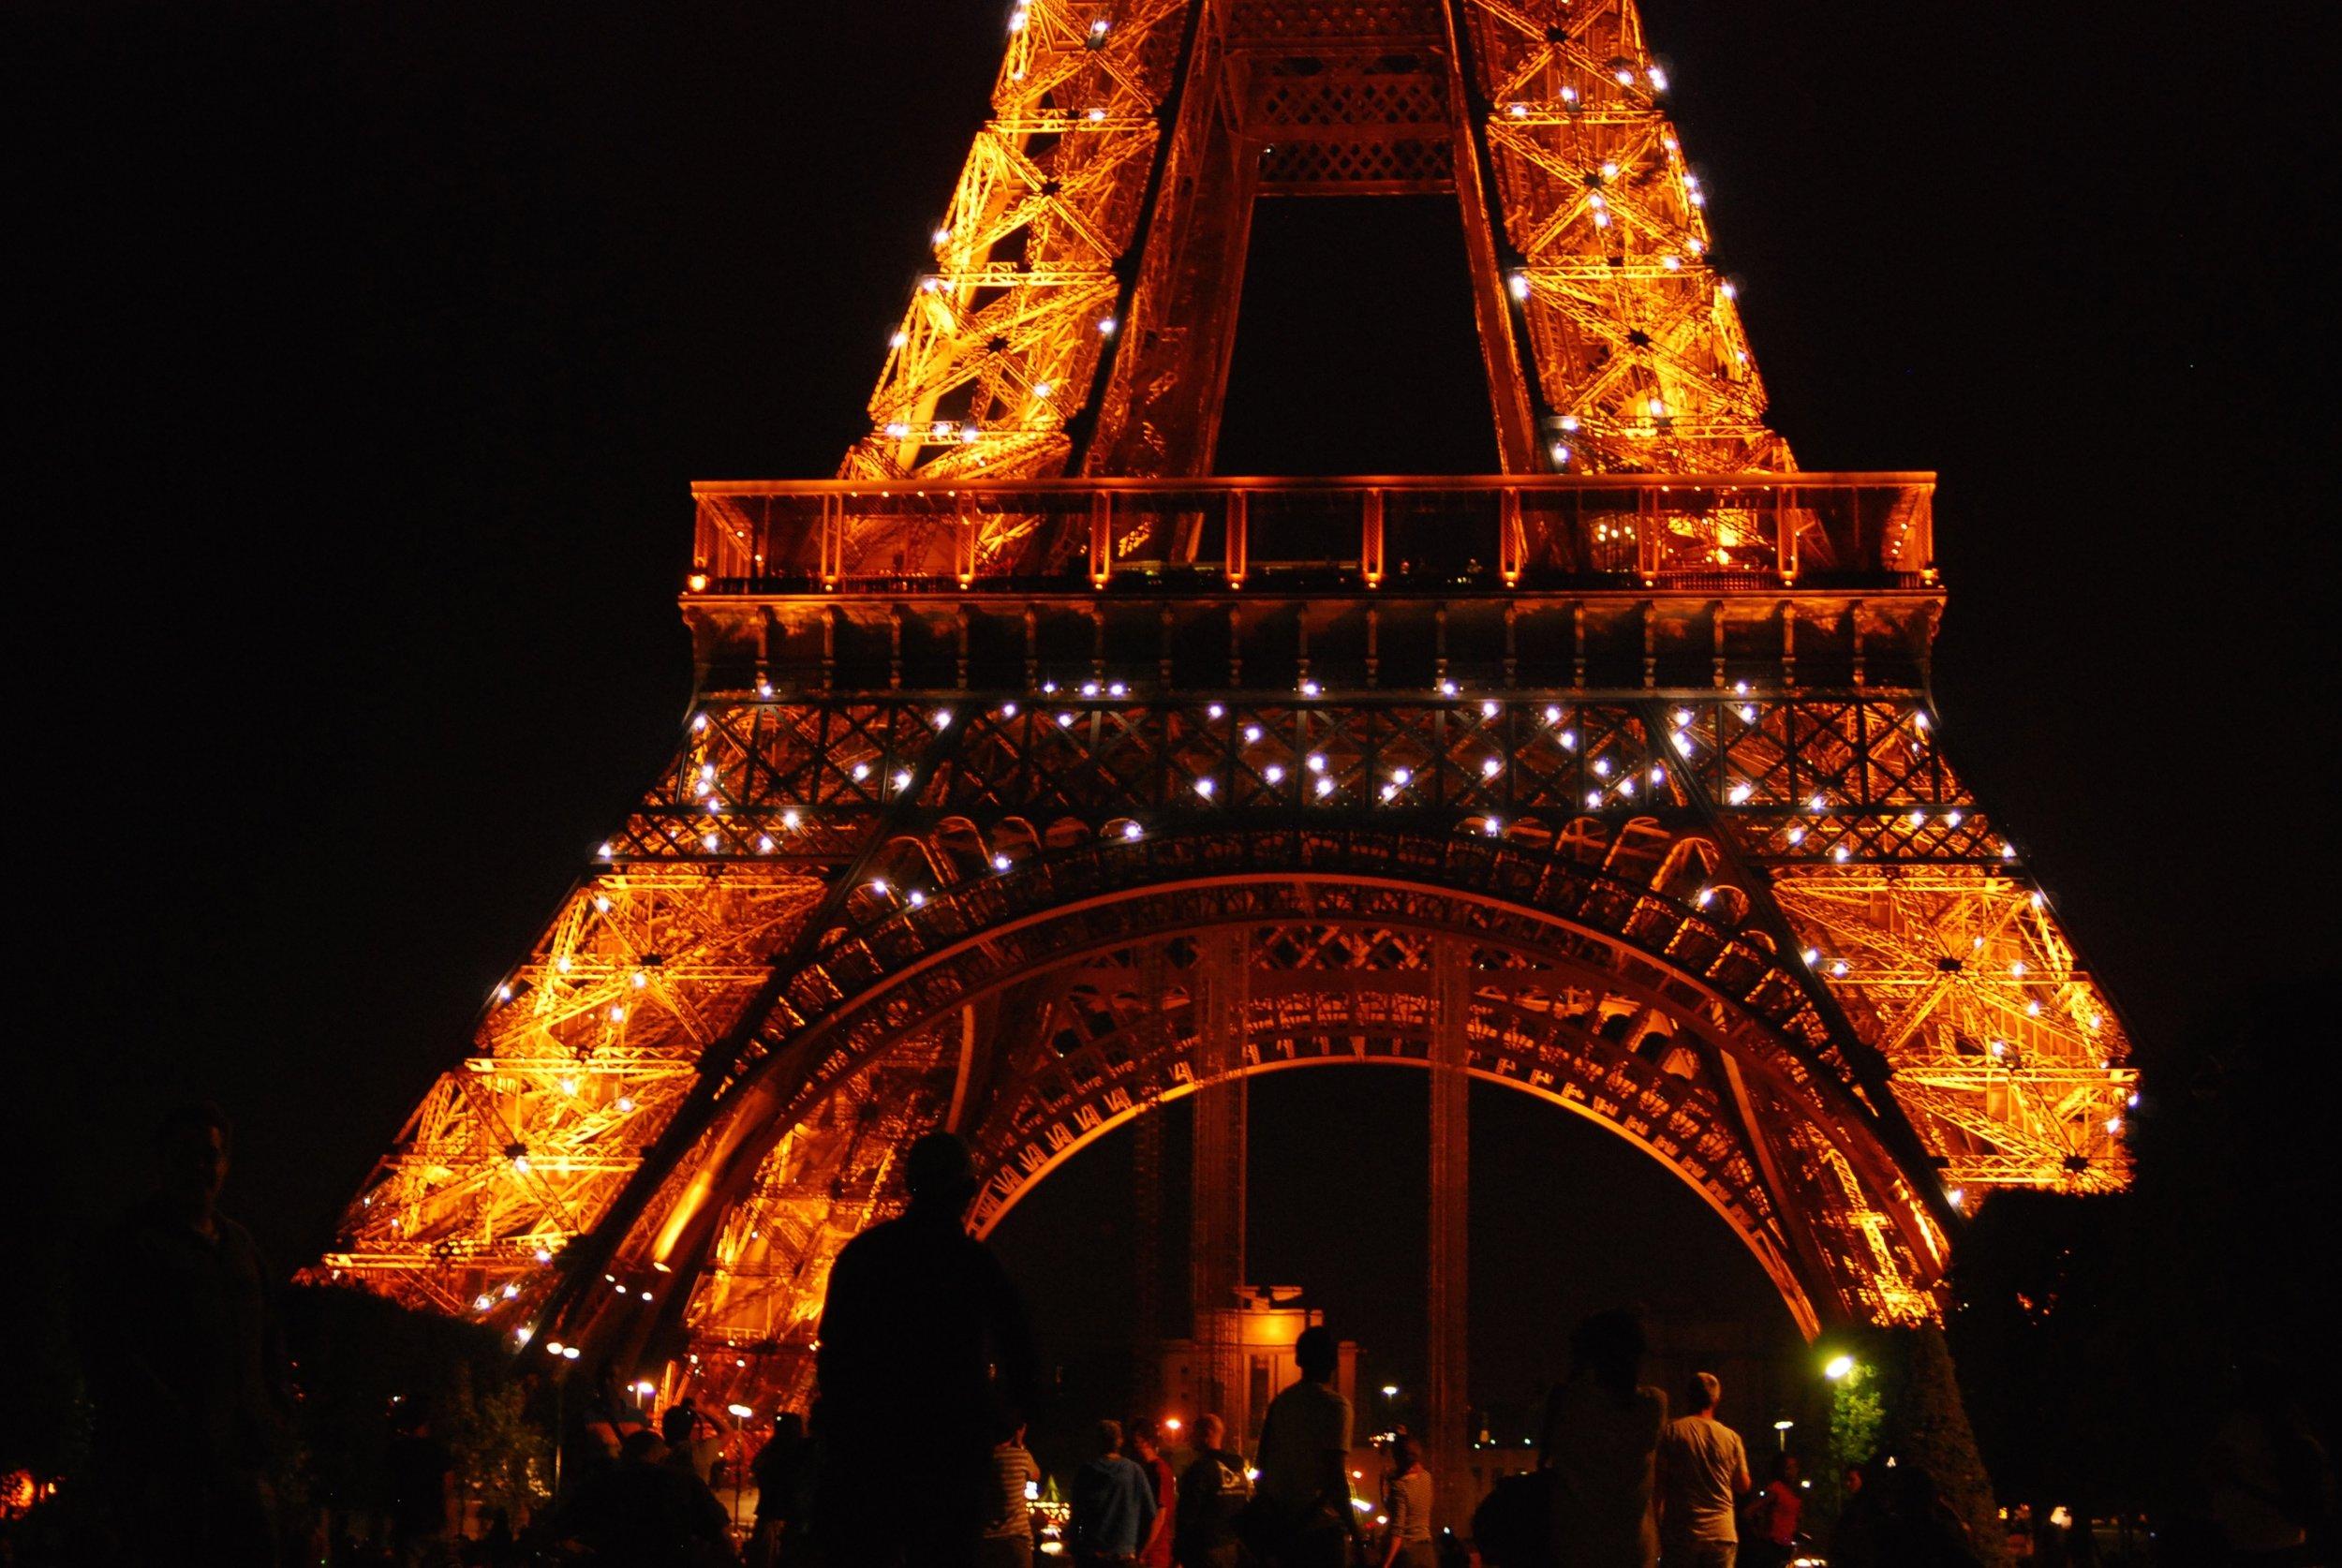 Atardecer en la Torre Eiffel